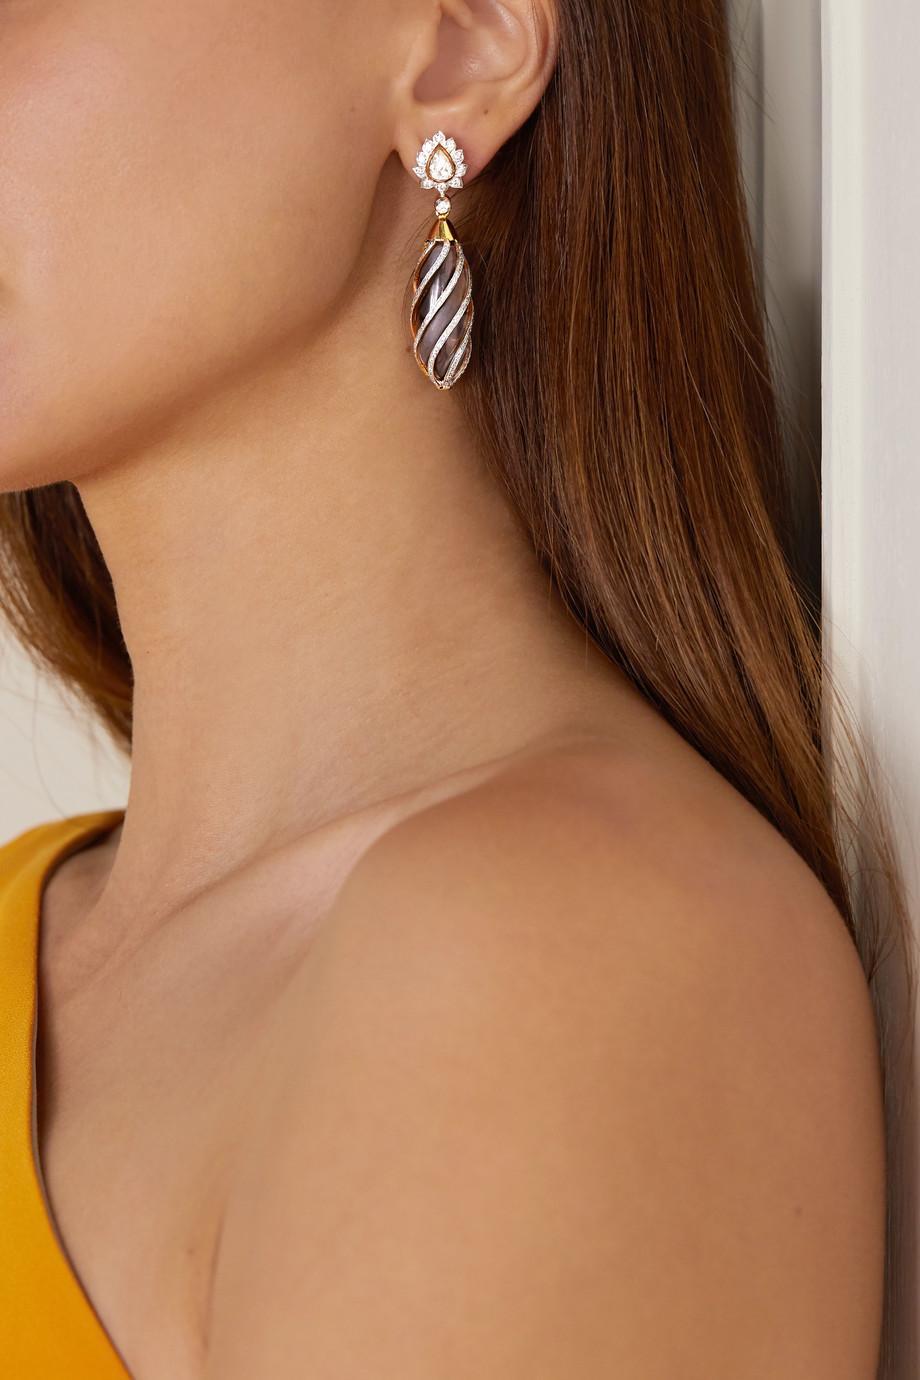 Amrapali Ohrringe aus 18 Karat Gelb- und Weißgold mit Quarzen und Diamanten